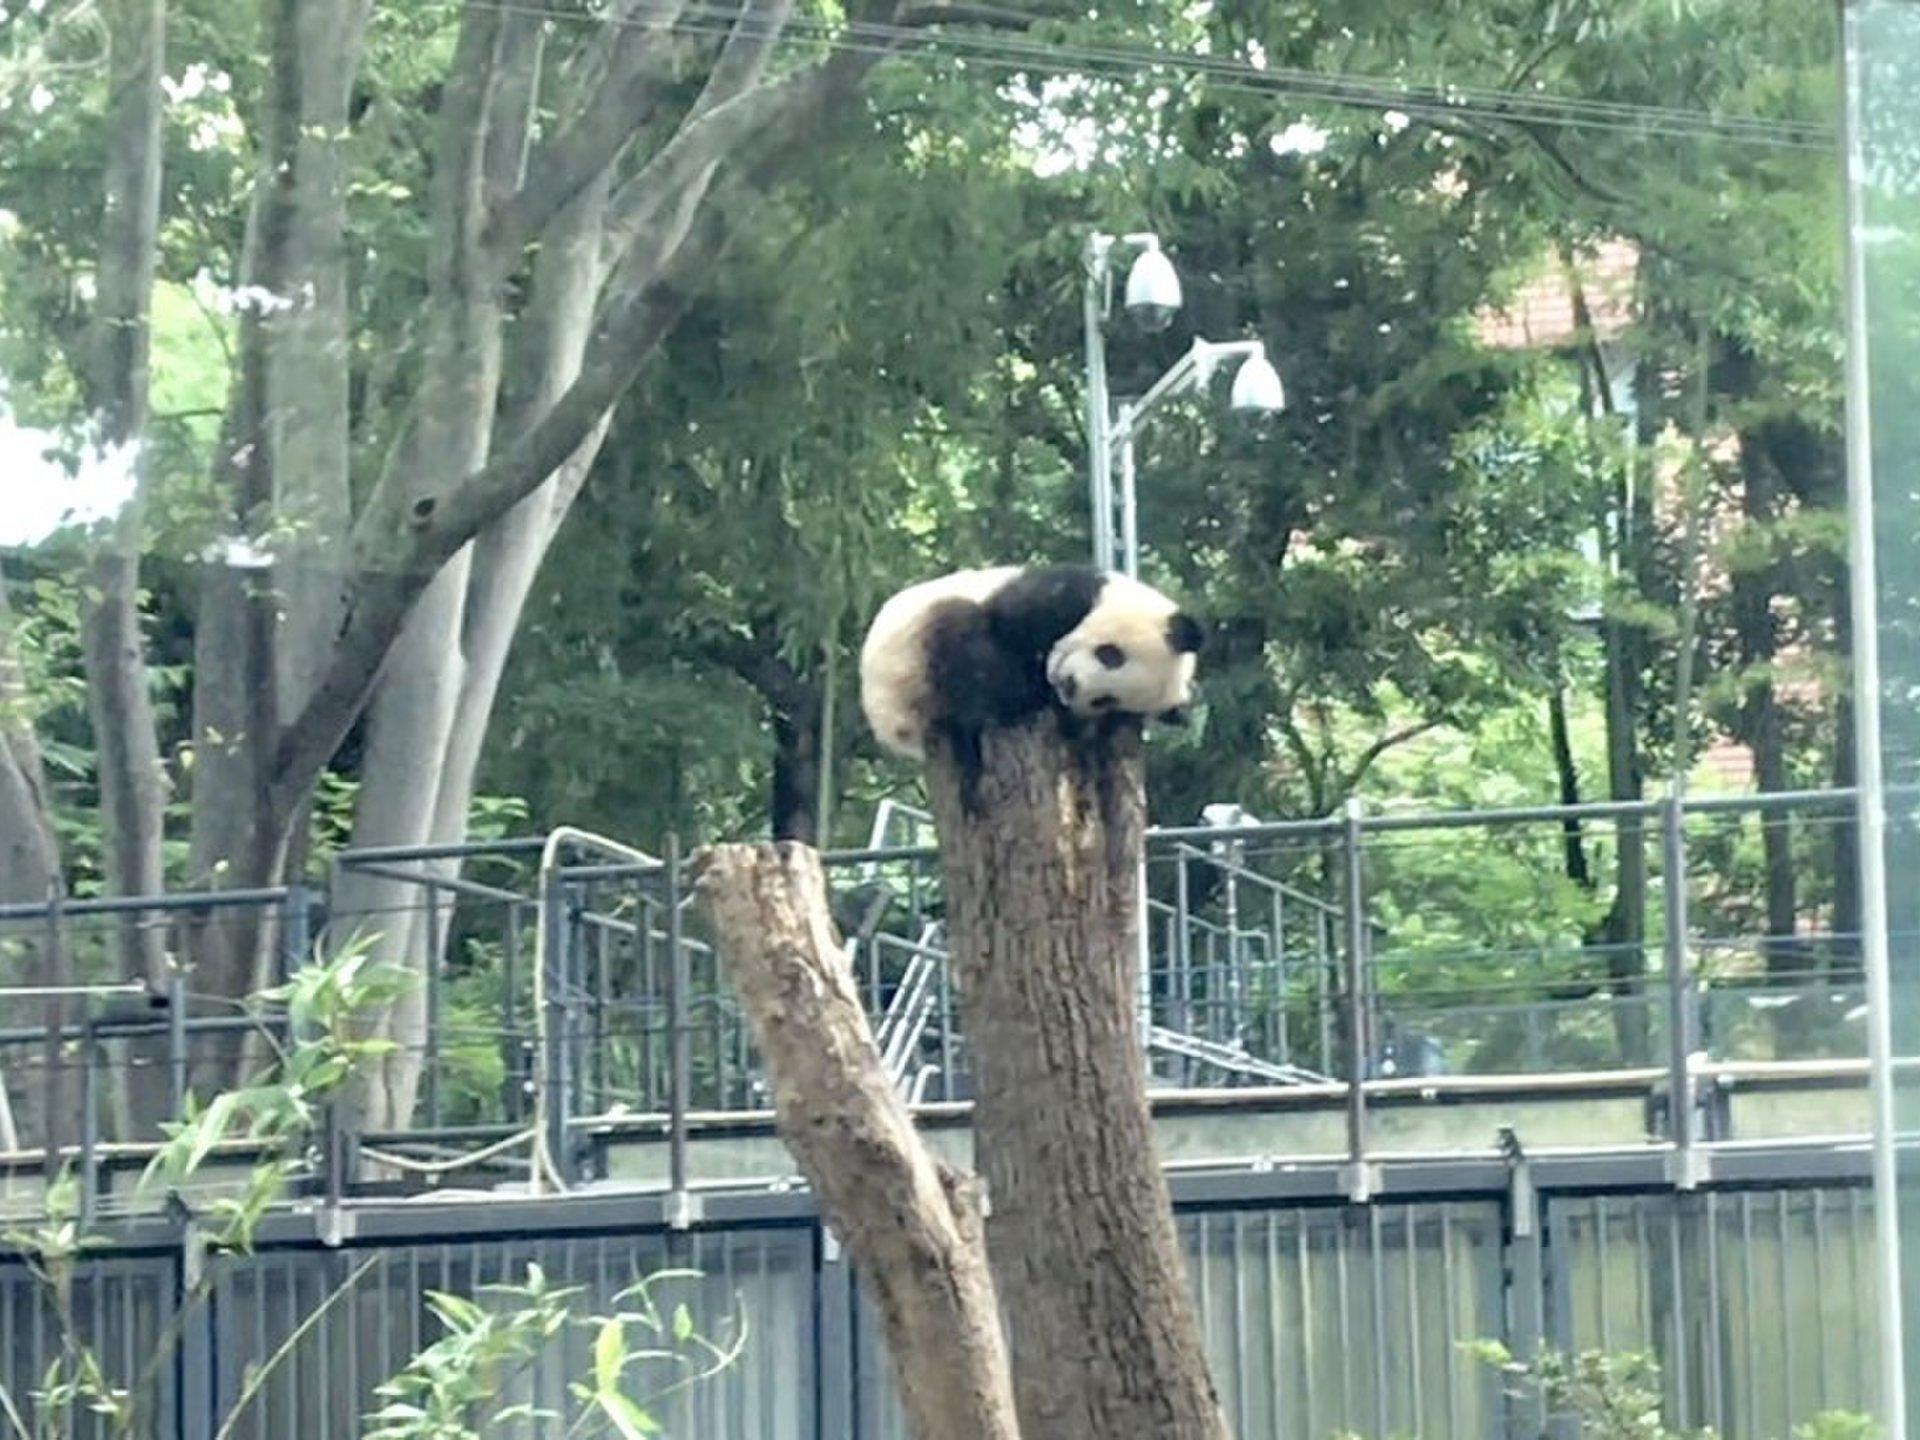 上野公園完璧ガイド!上野エリア最新おすすめグルメ&観光スポット23選